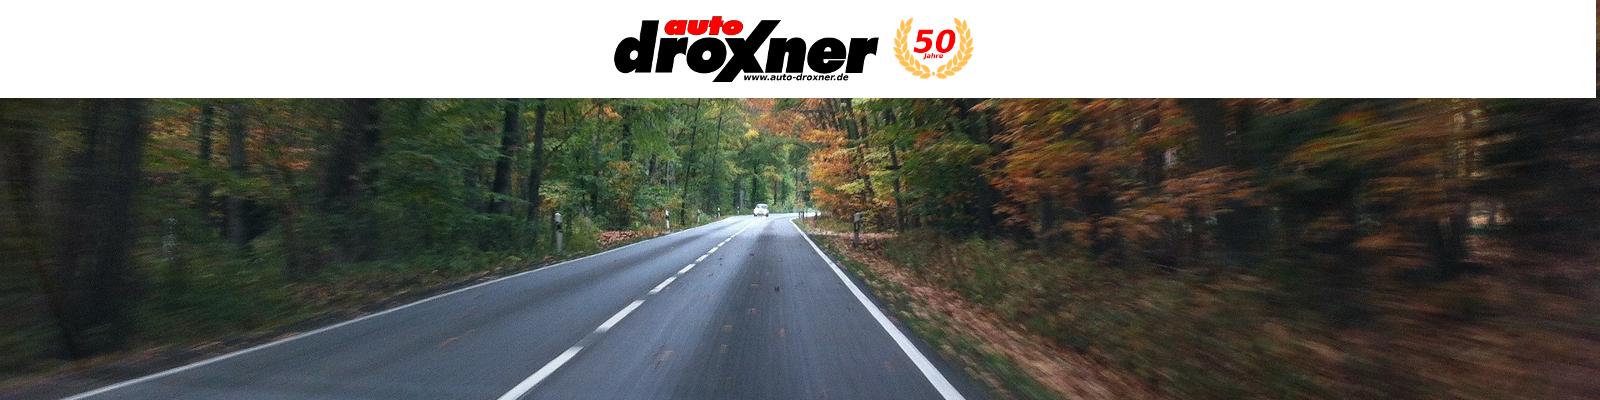 Auto – Droxner